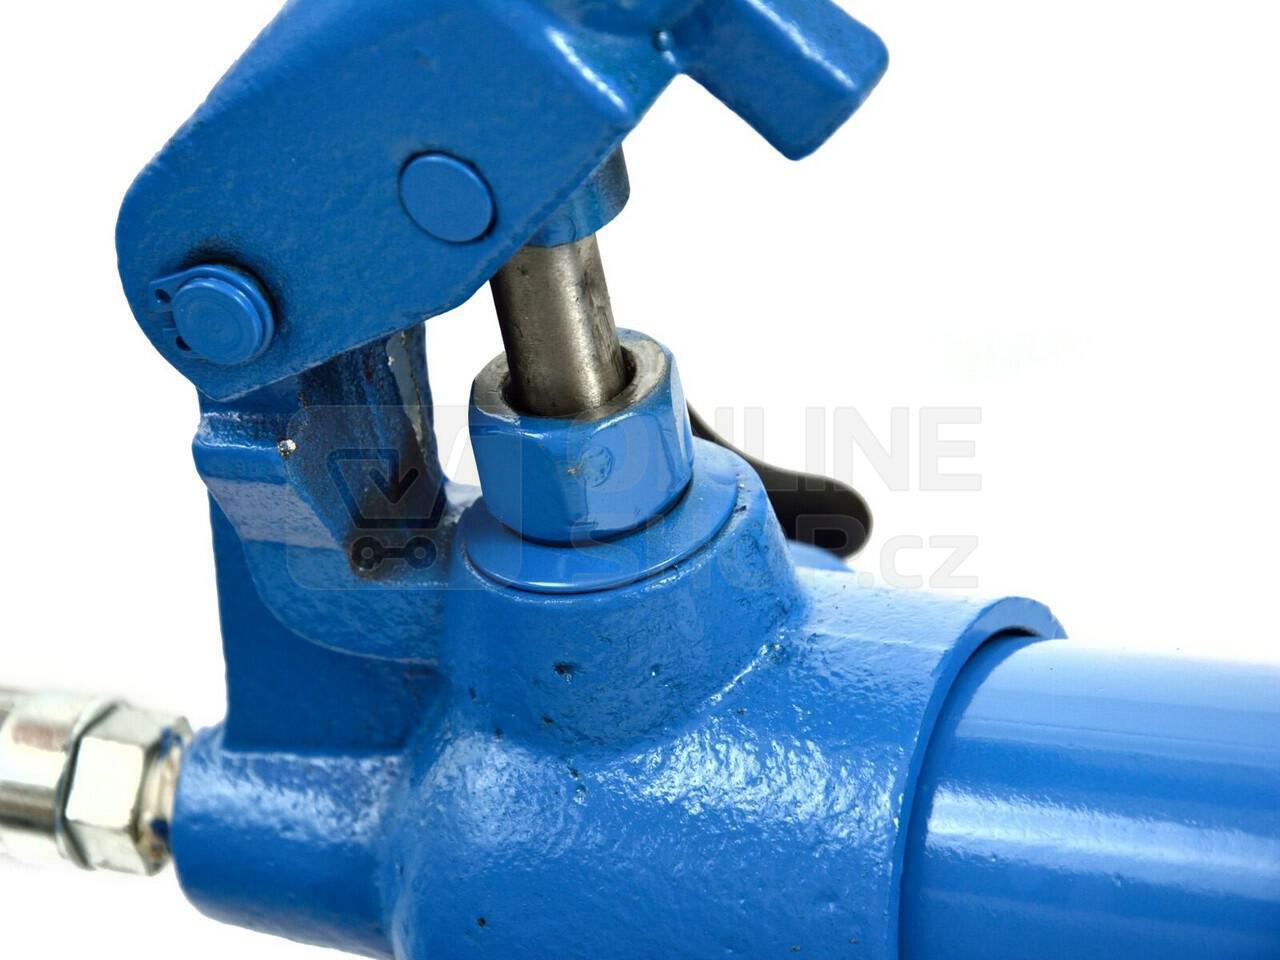 Ruční hydraulická pumpa jednorychlostní 10T, pro hydraulický rozpínák GEKO